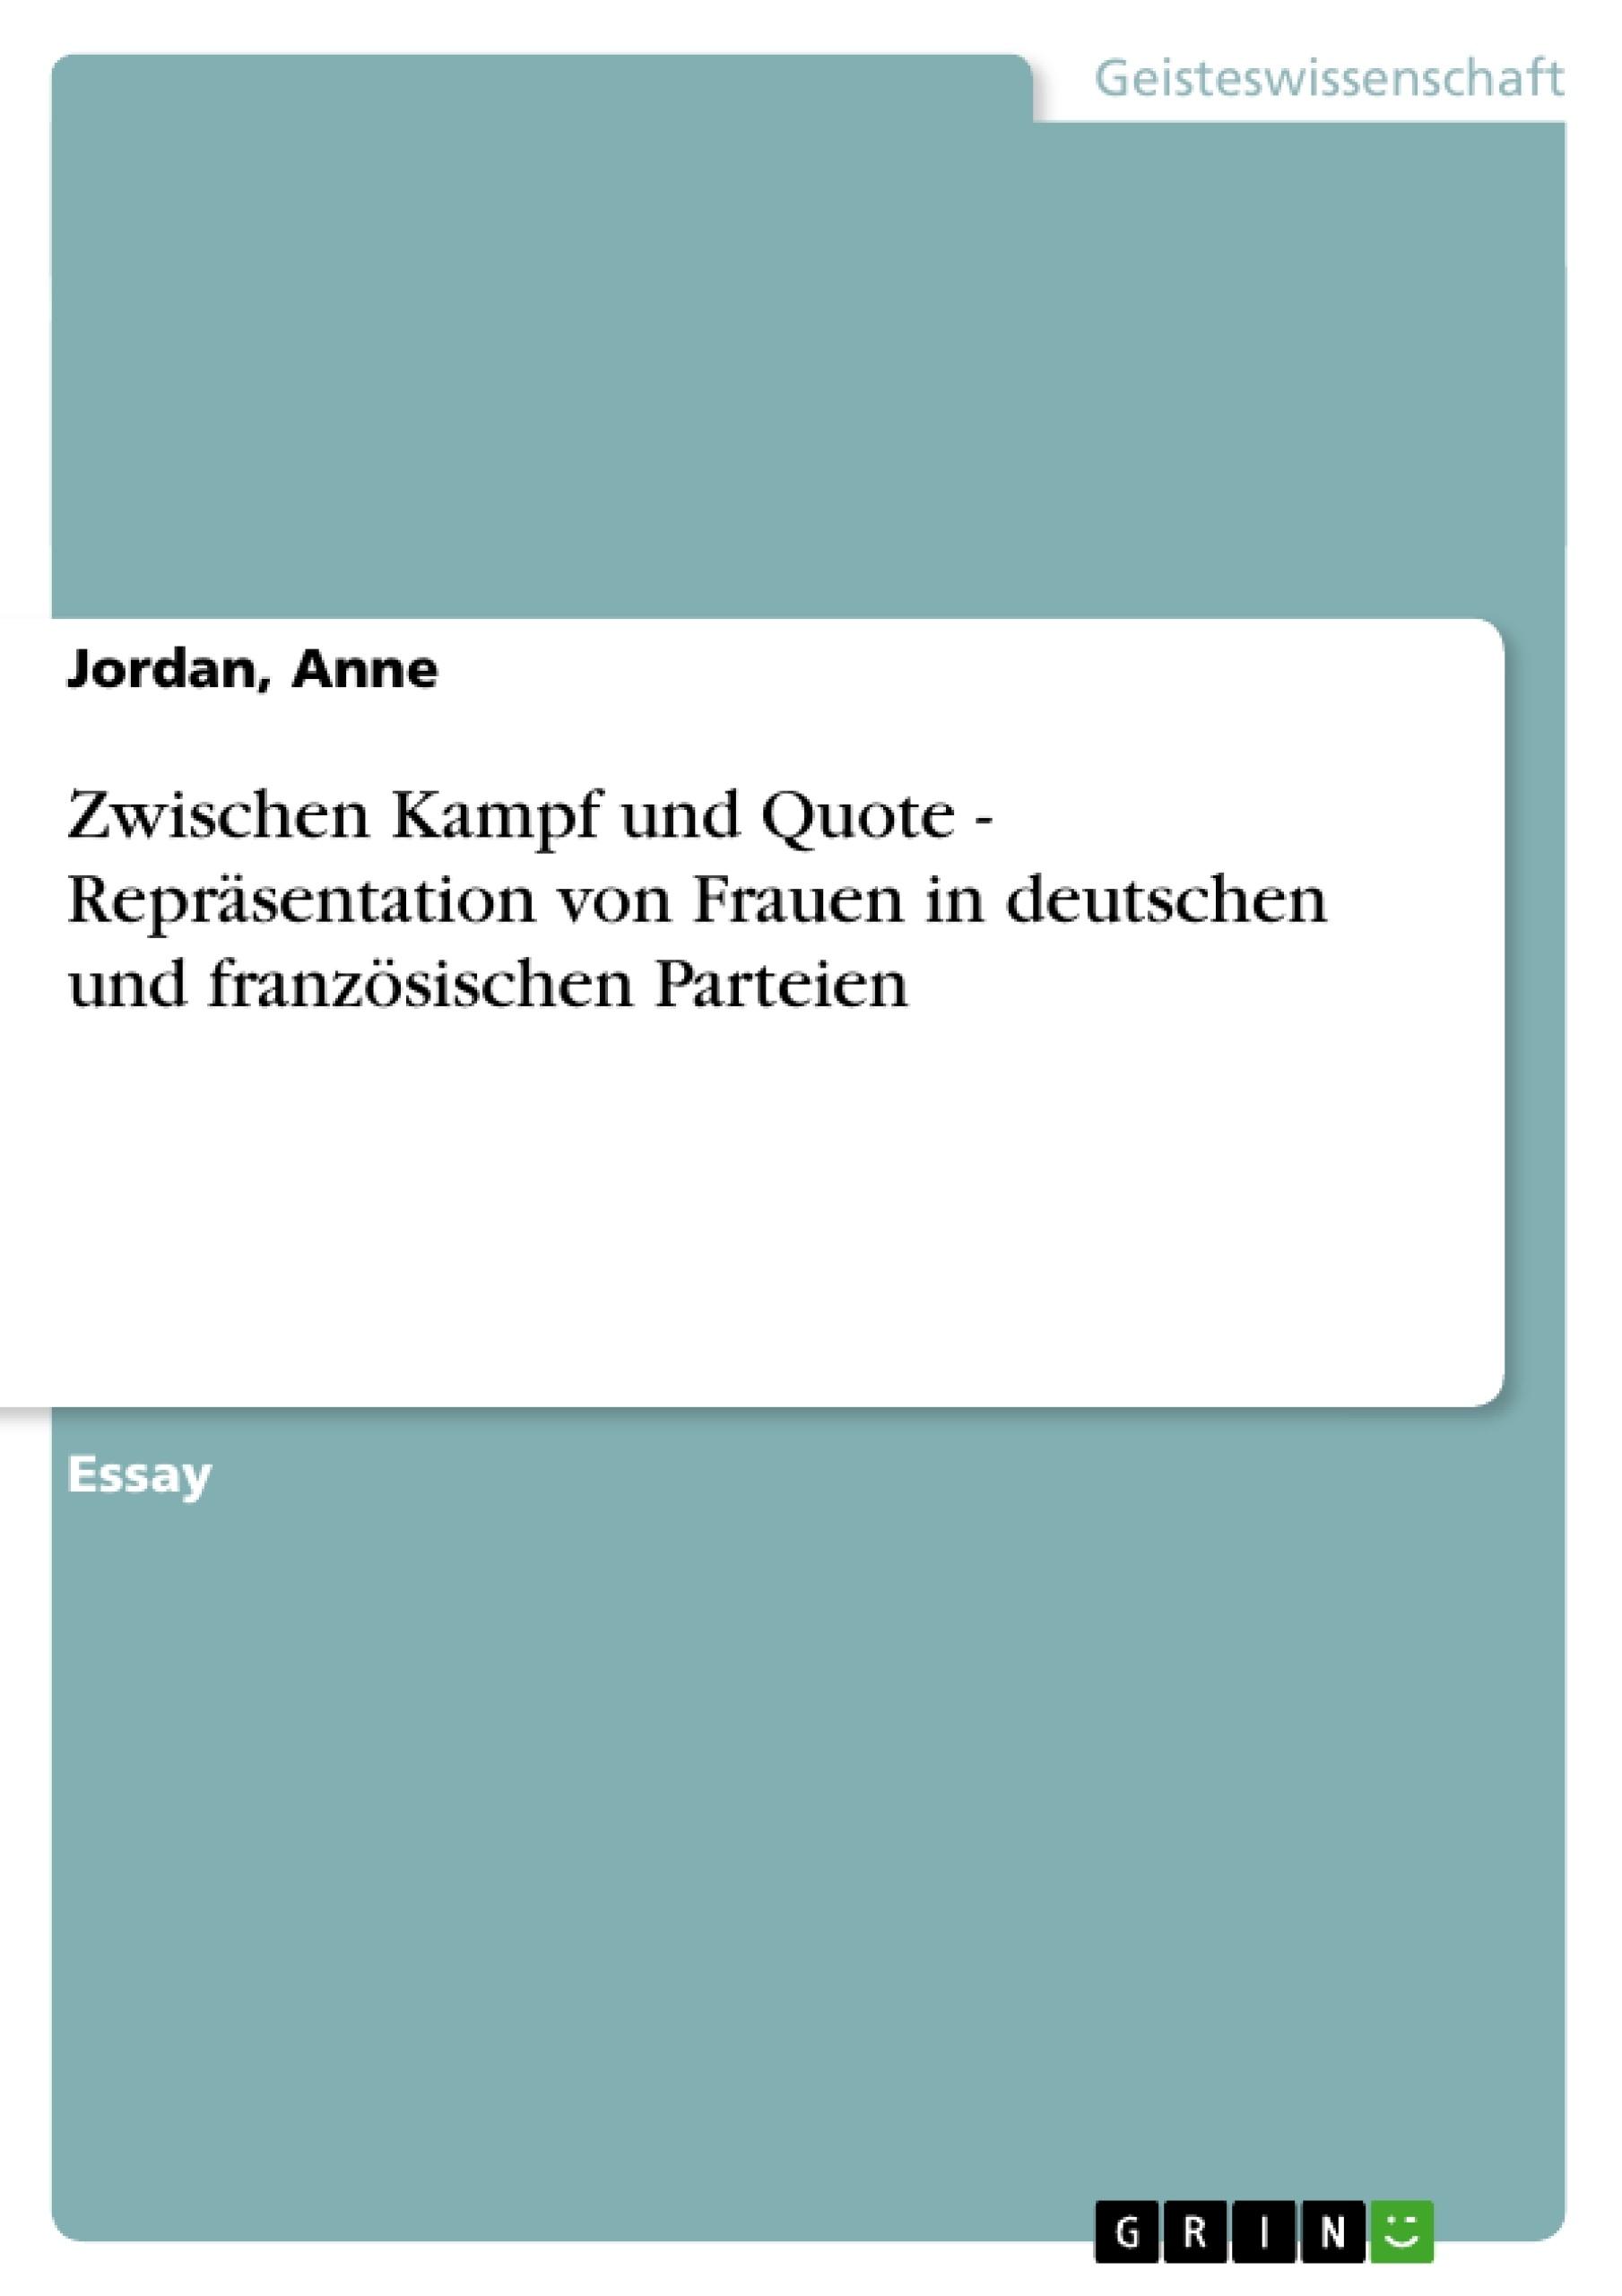 Titel: Zwischen Kampf und Quote - Repräsentation von Frauen in deutschen und französischen Parteien